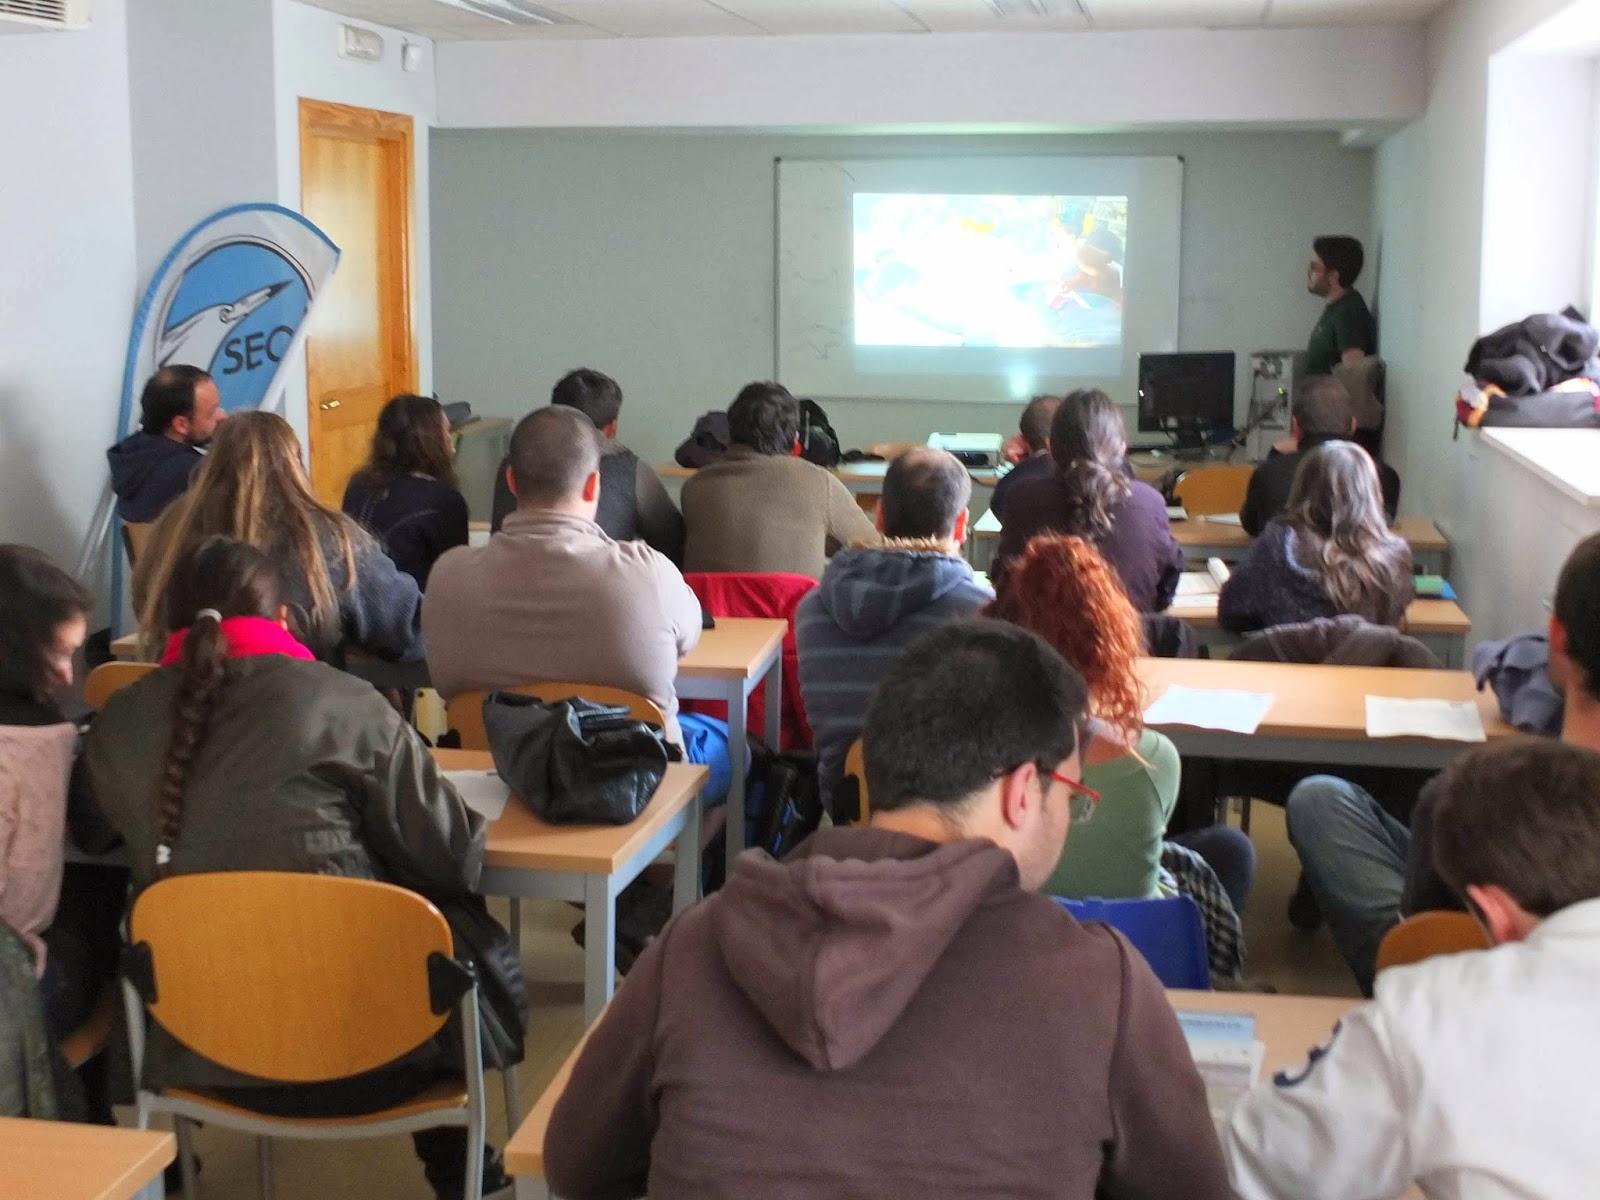 SEO-Sevilla colabora con la Universidad Pablo de Olavide UPO. Jornada sobre las Aves en la UPO. III Edición